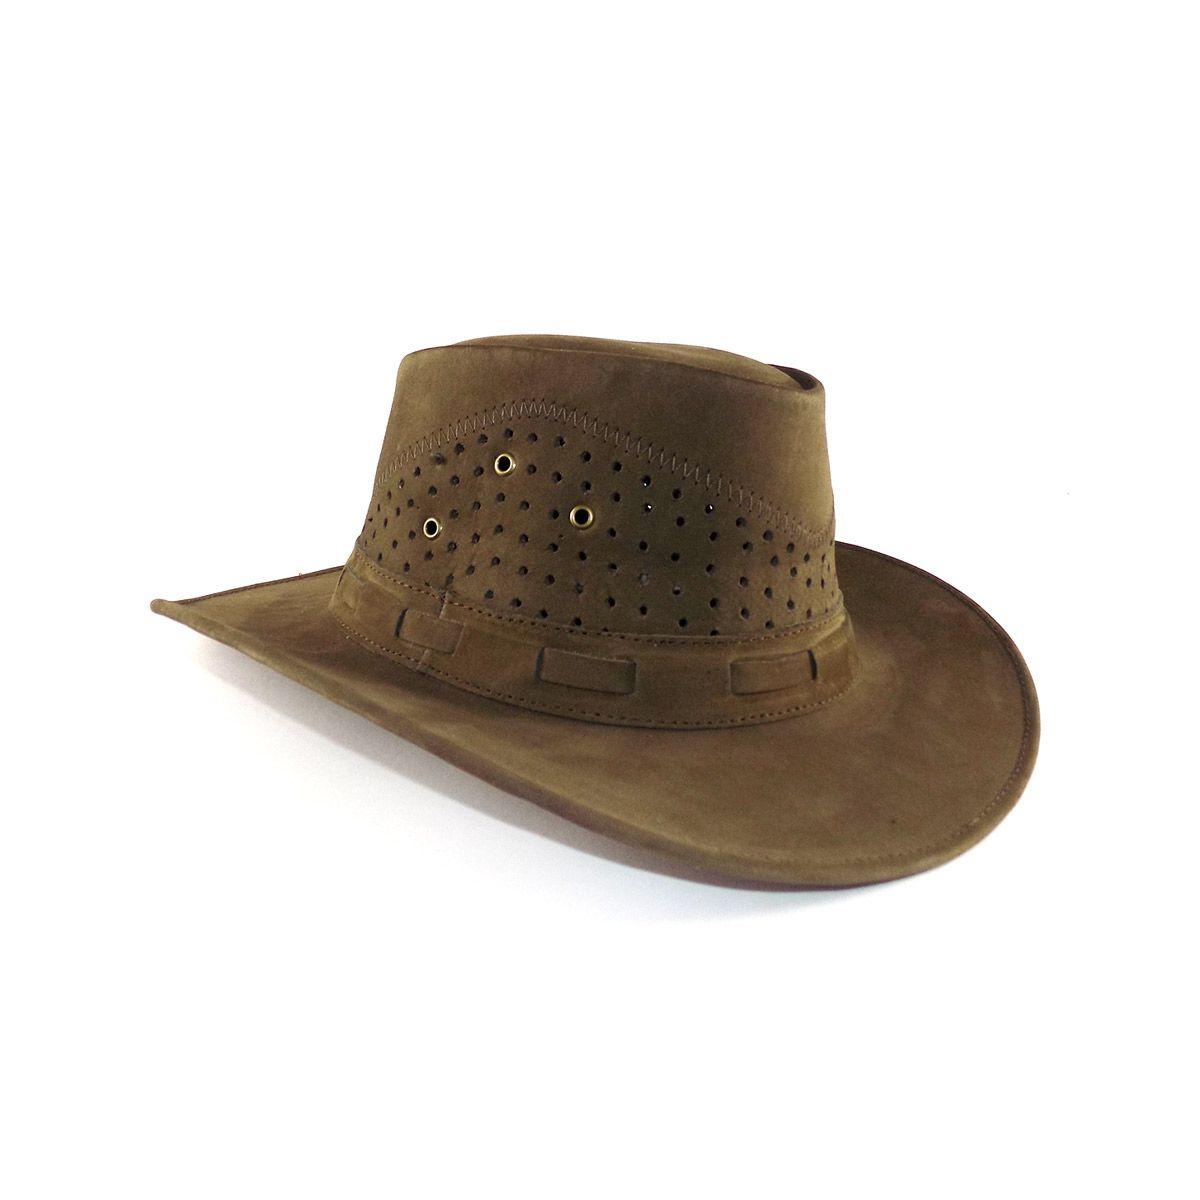 Chapéu de Couro Australiano - Oliva